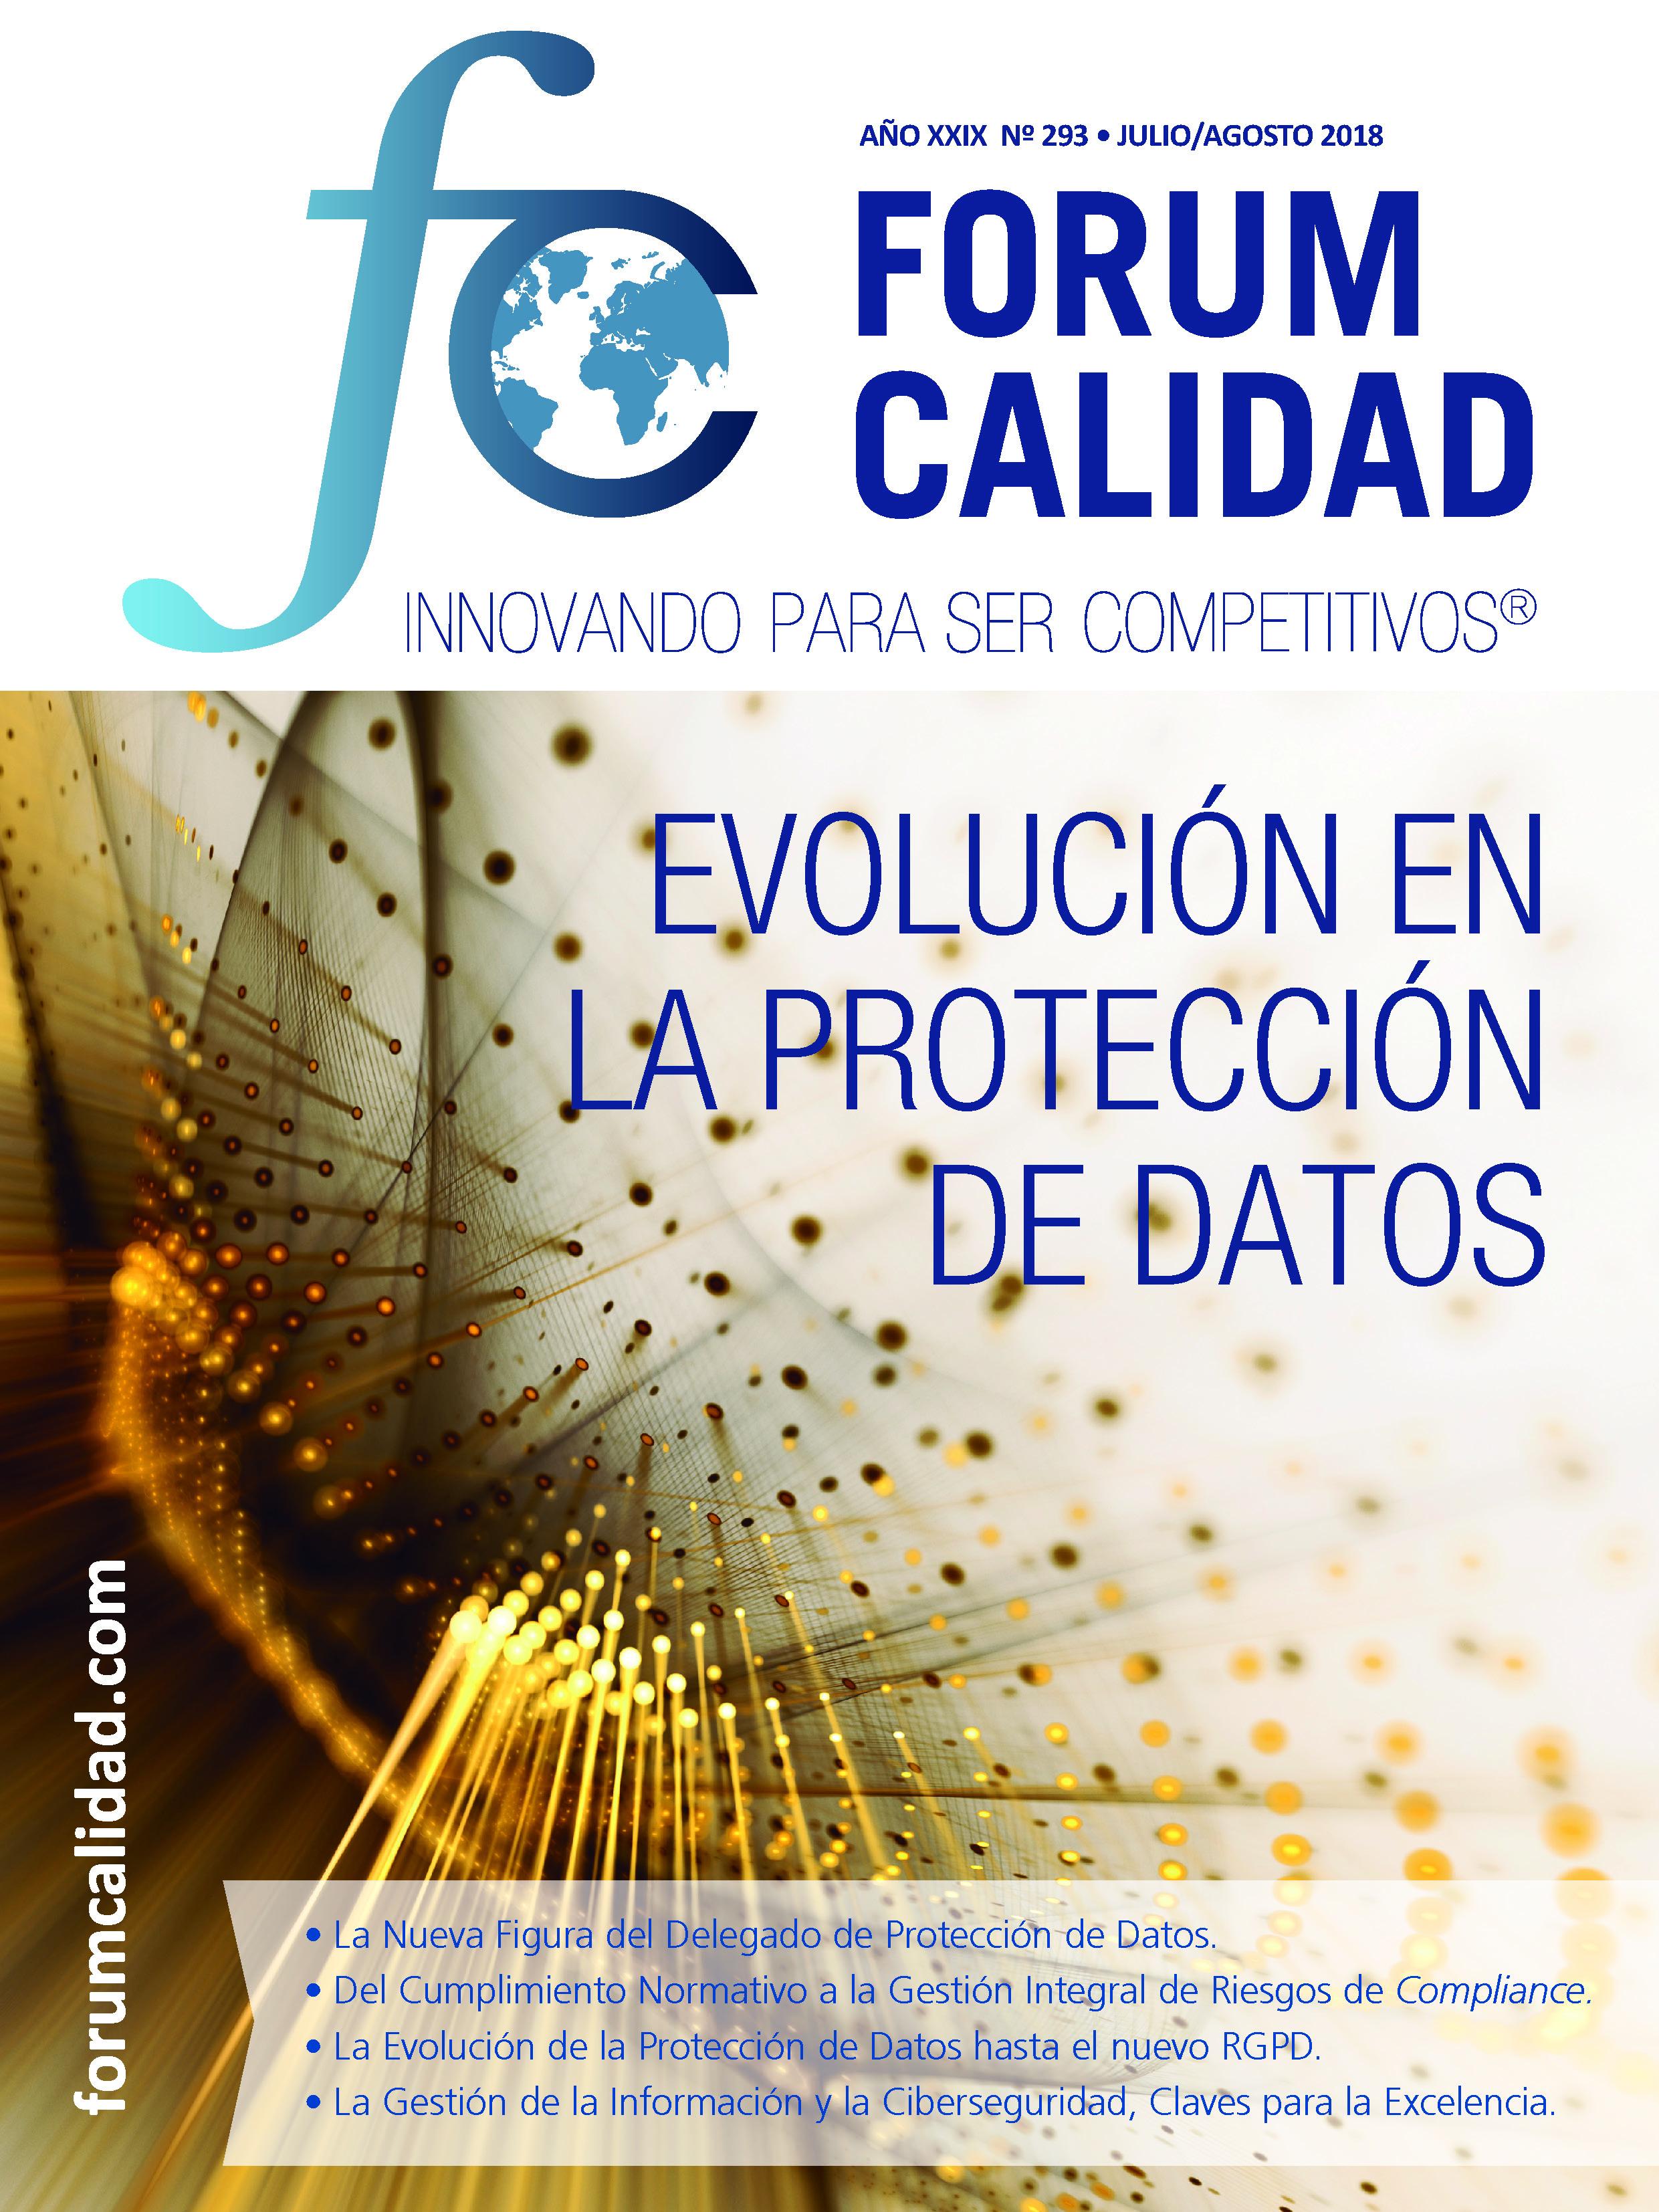 Forum Calidad nº 293 Julio/Agosto 2018